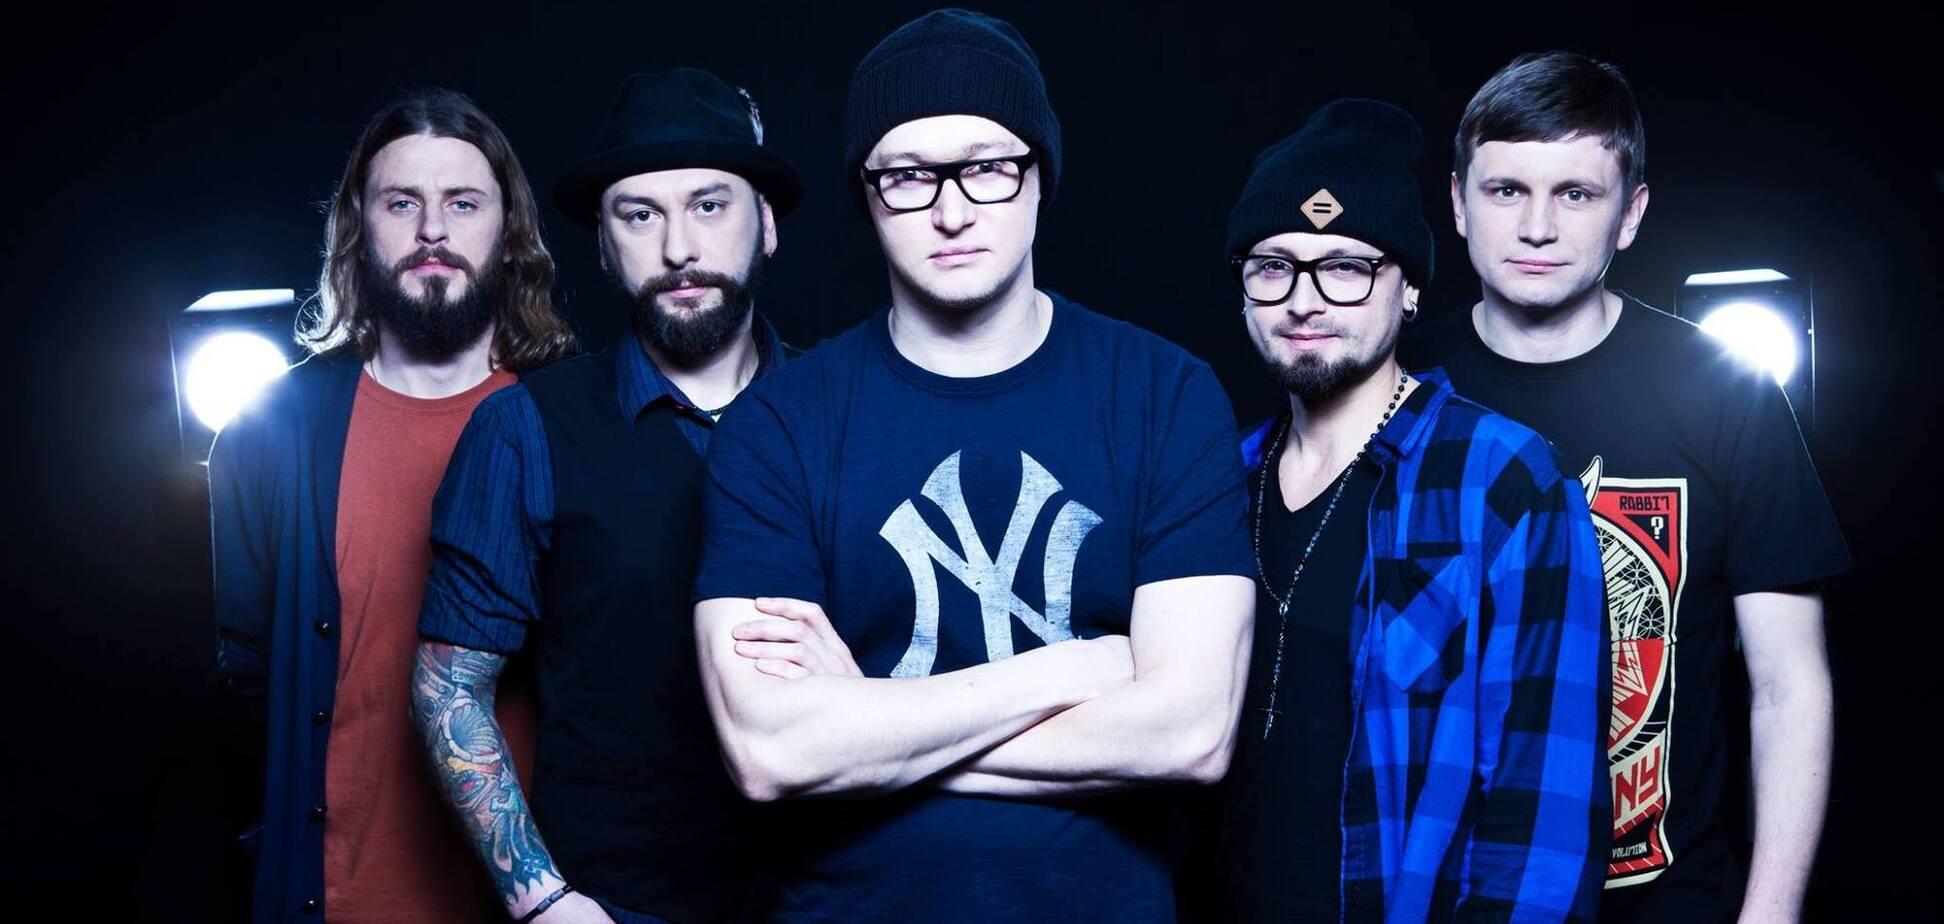 В группе 'Бумбокс' разъяснили ситуацию с 'прекращением' полицией концерта во Львове